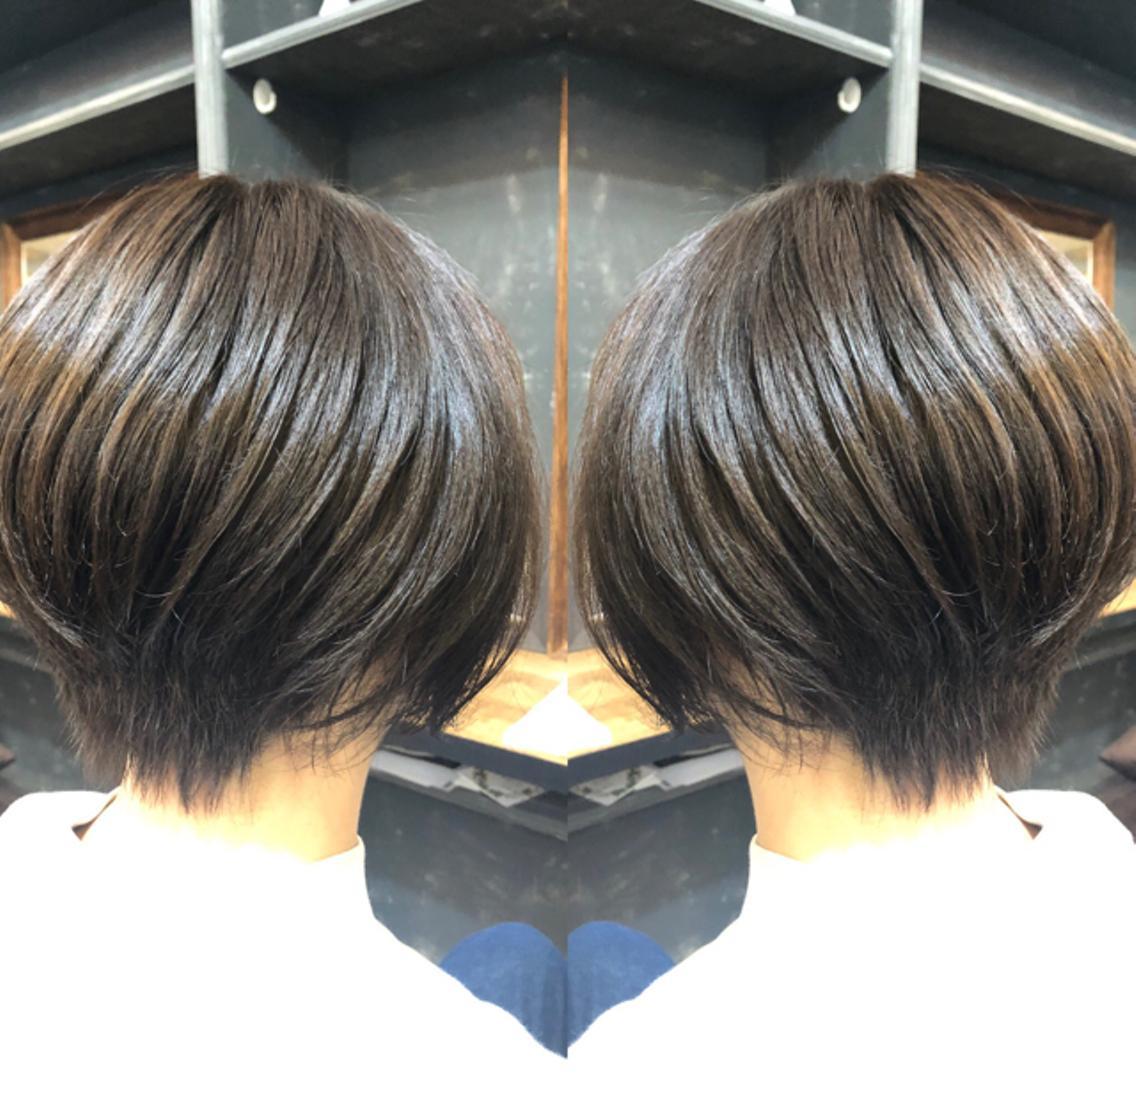 ❤️ショートスタイルお任せあれ❤️N.カラー使用で透明感のあるカラー⭐️お客様の普段のライフスタイル重視の提案をしています!くせ毛の方はコスメストレートで自然な仕上がりに致します❣️